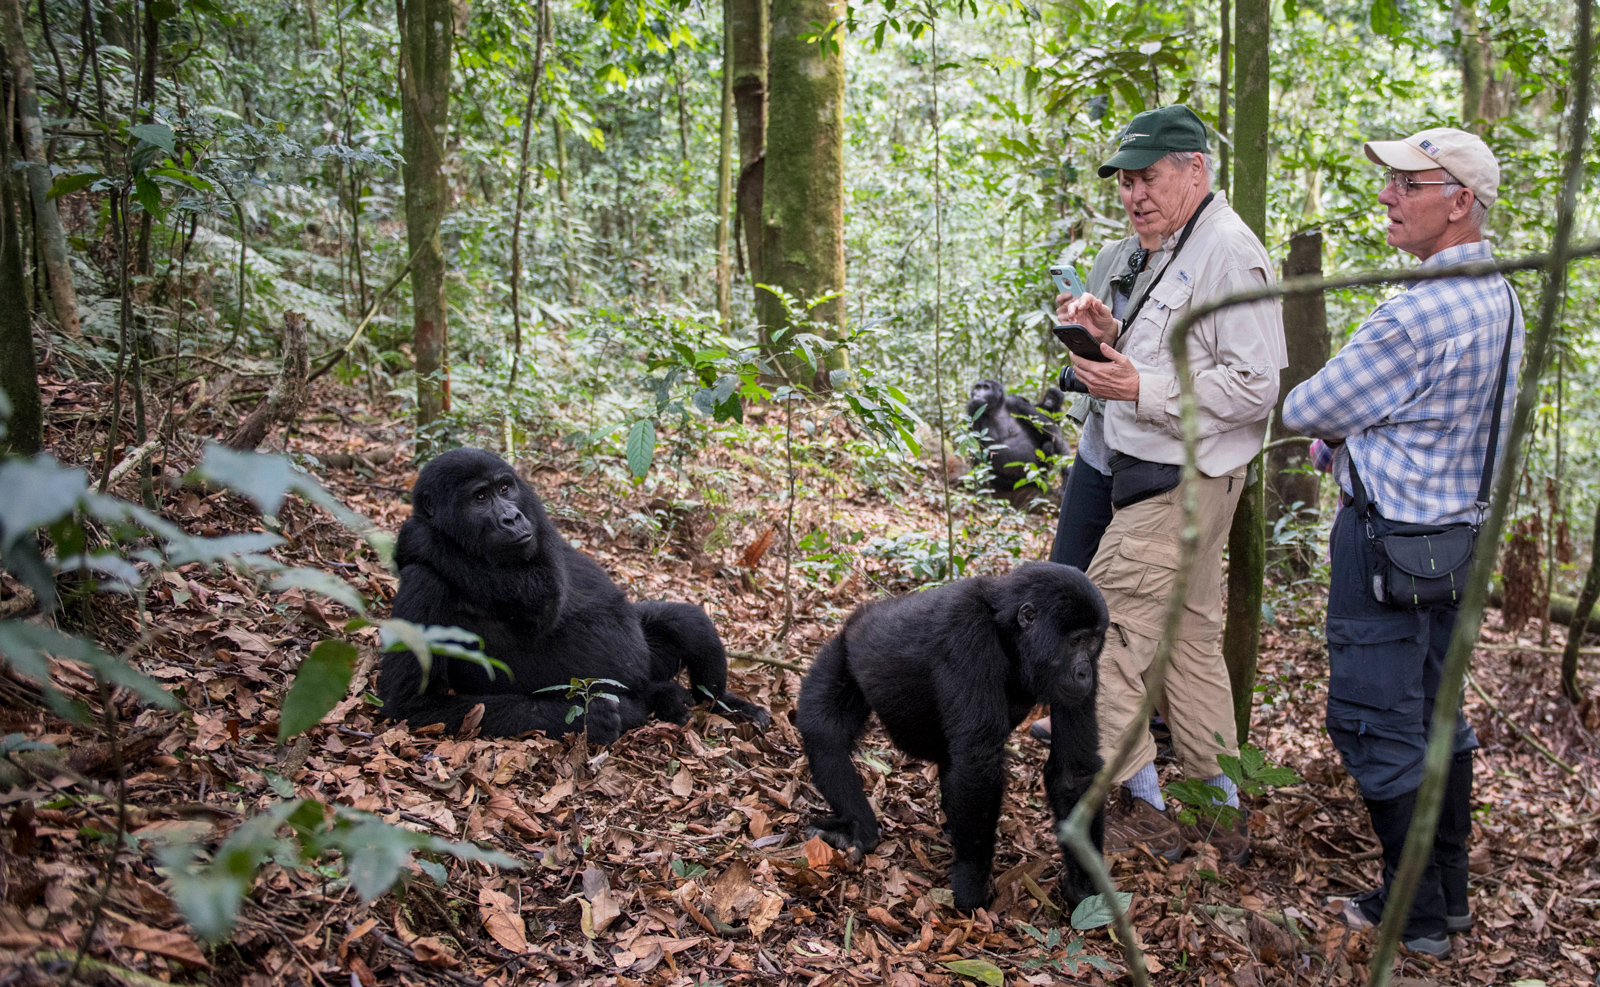 Three people standing with mountain gorillas in Bwindi in Uganda